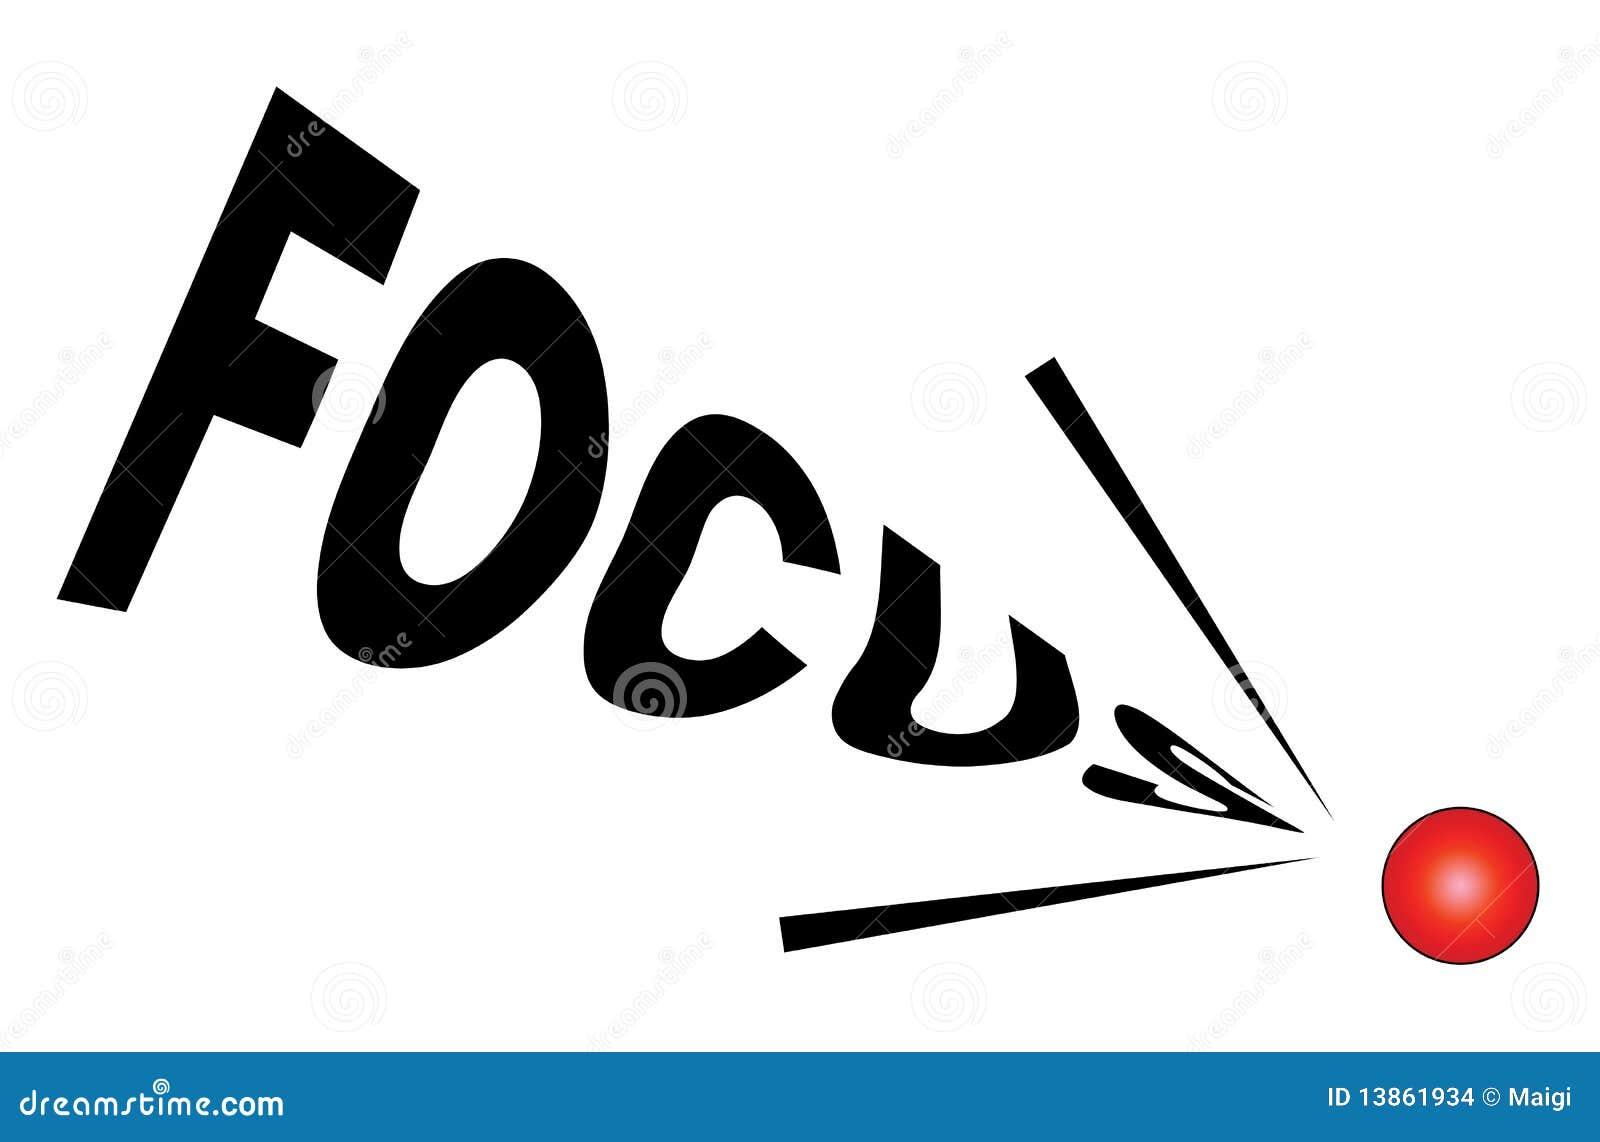 No foco